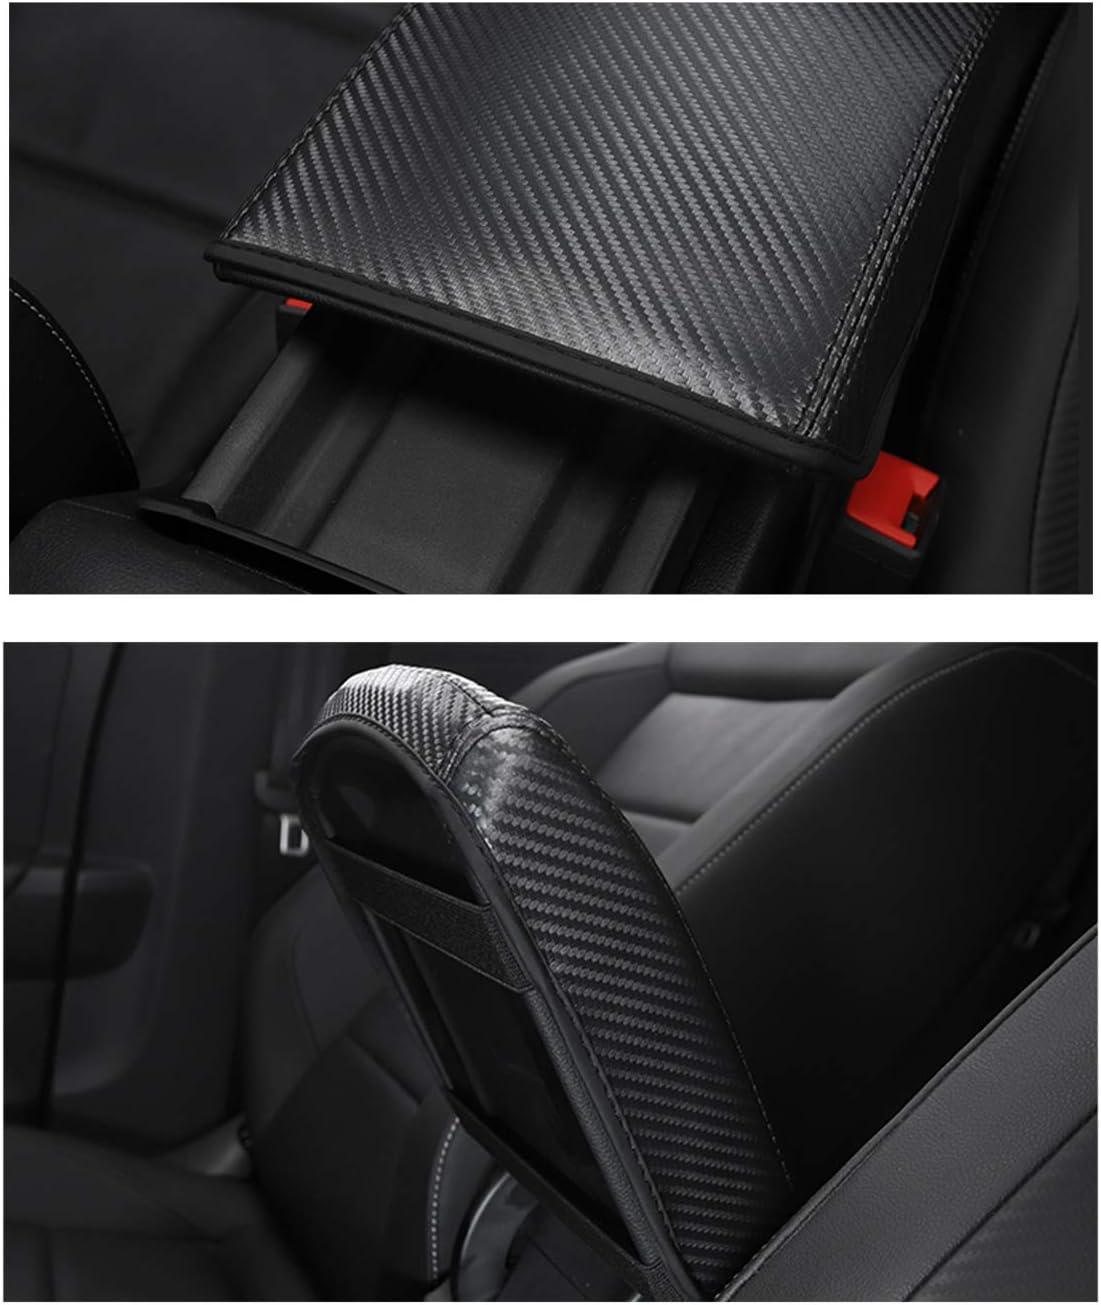 Ohne Logo RUIYA t-ROC Mittelkonsole Auflagebezug Kundenspezifische Armlehne Box Soft Pad Protector mit Kohlefaser